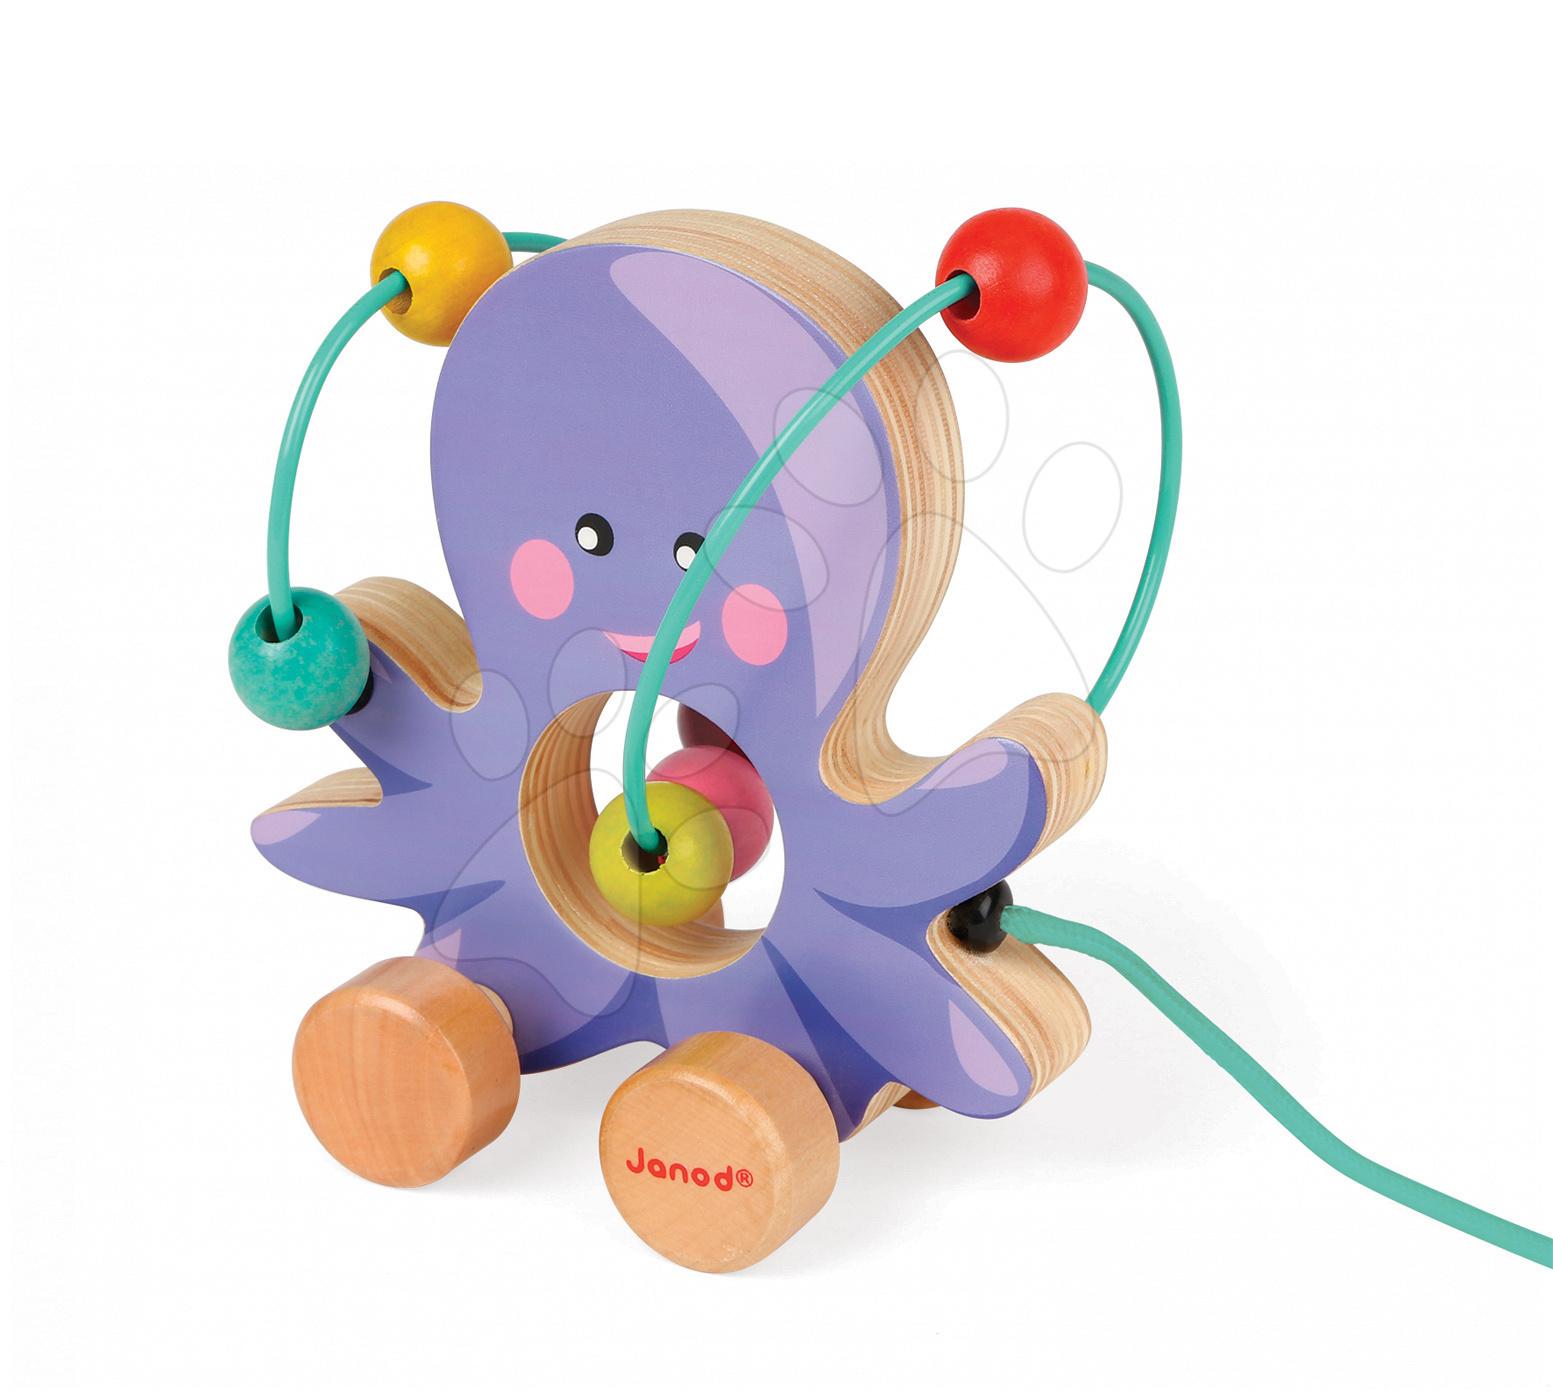 Ťahacie hračky - Drevená chobotnica Janod na ťahanie s labyrintom od 12 mes